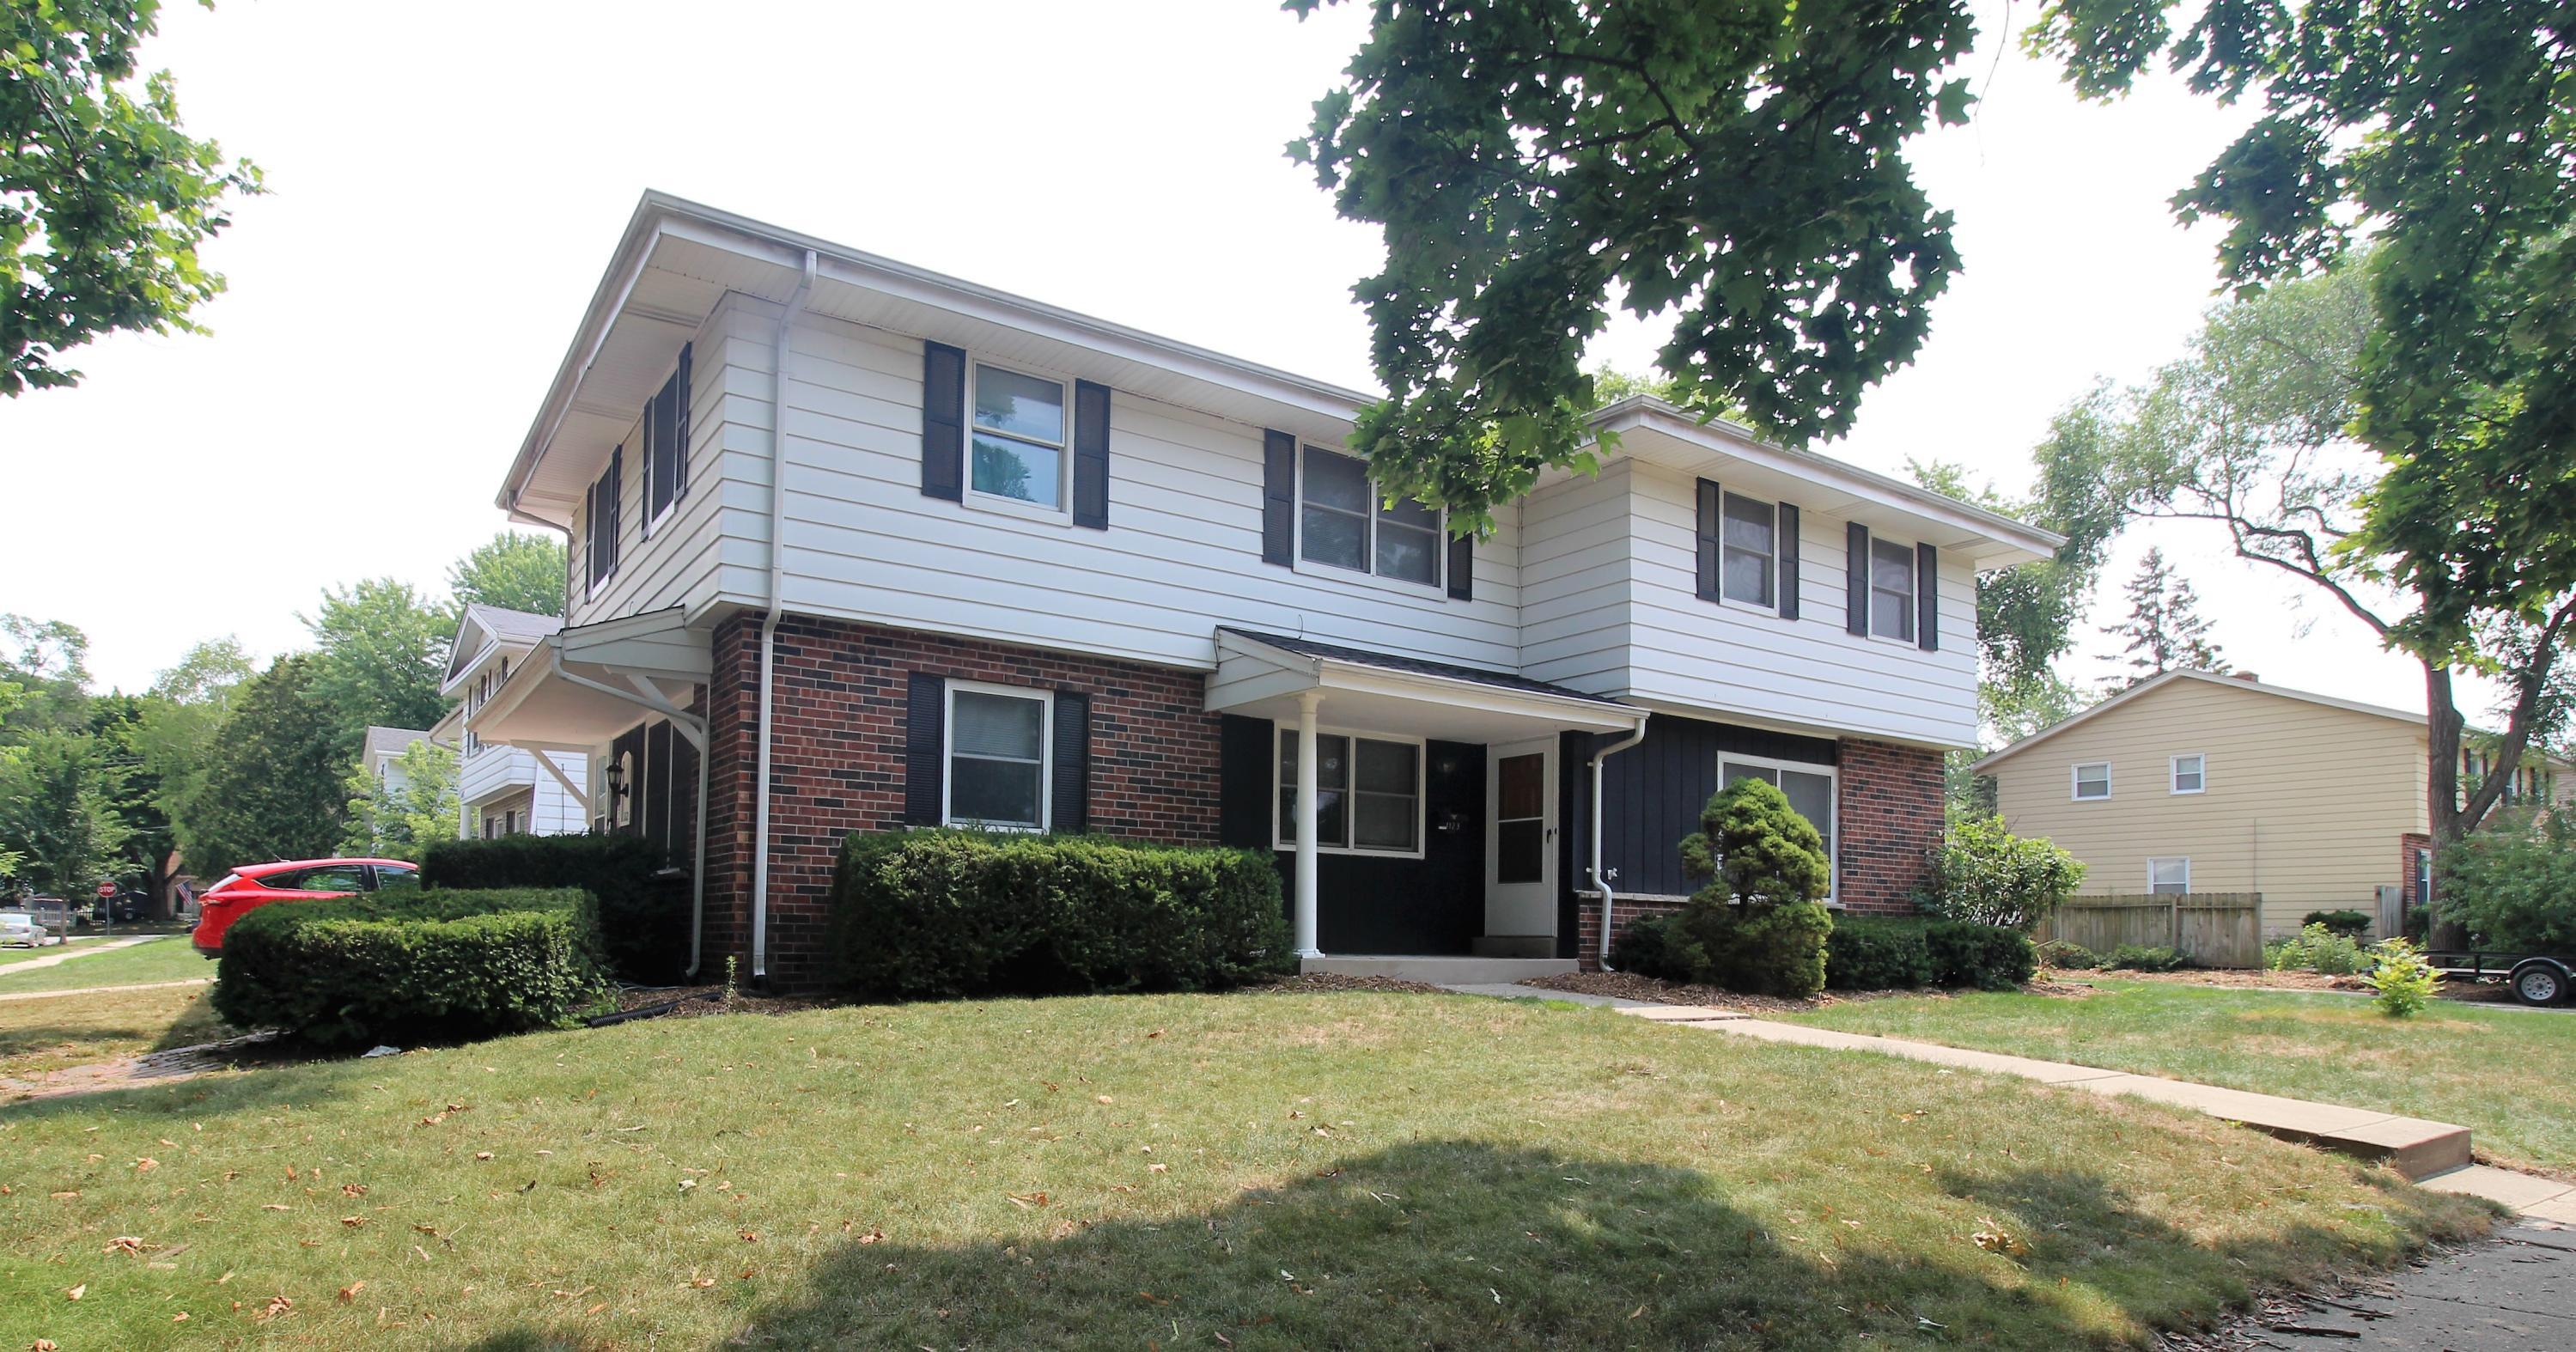 1121 Wilshire Pl, Waukesha, Wisconsin 53188, 3 Bedrooms Bedrooms, 6 Rooms Rooms,1 BathroomBathrooms,Two-Family,For Sale,Wilshire Pl,1,1754911